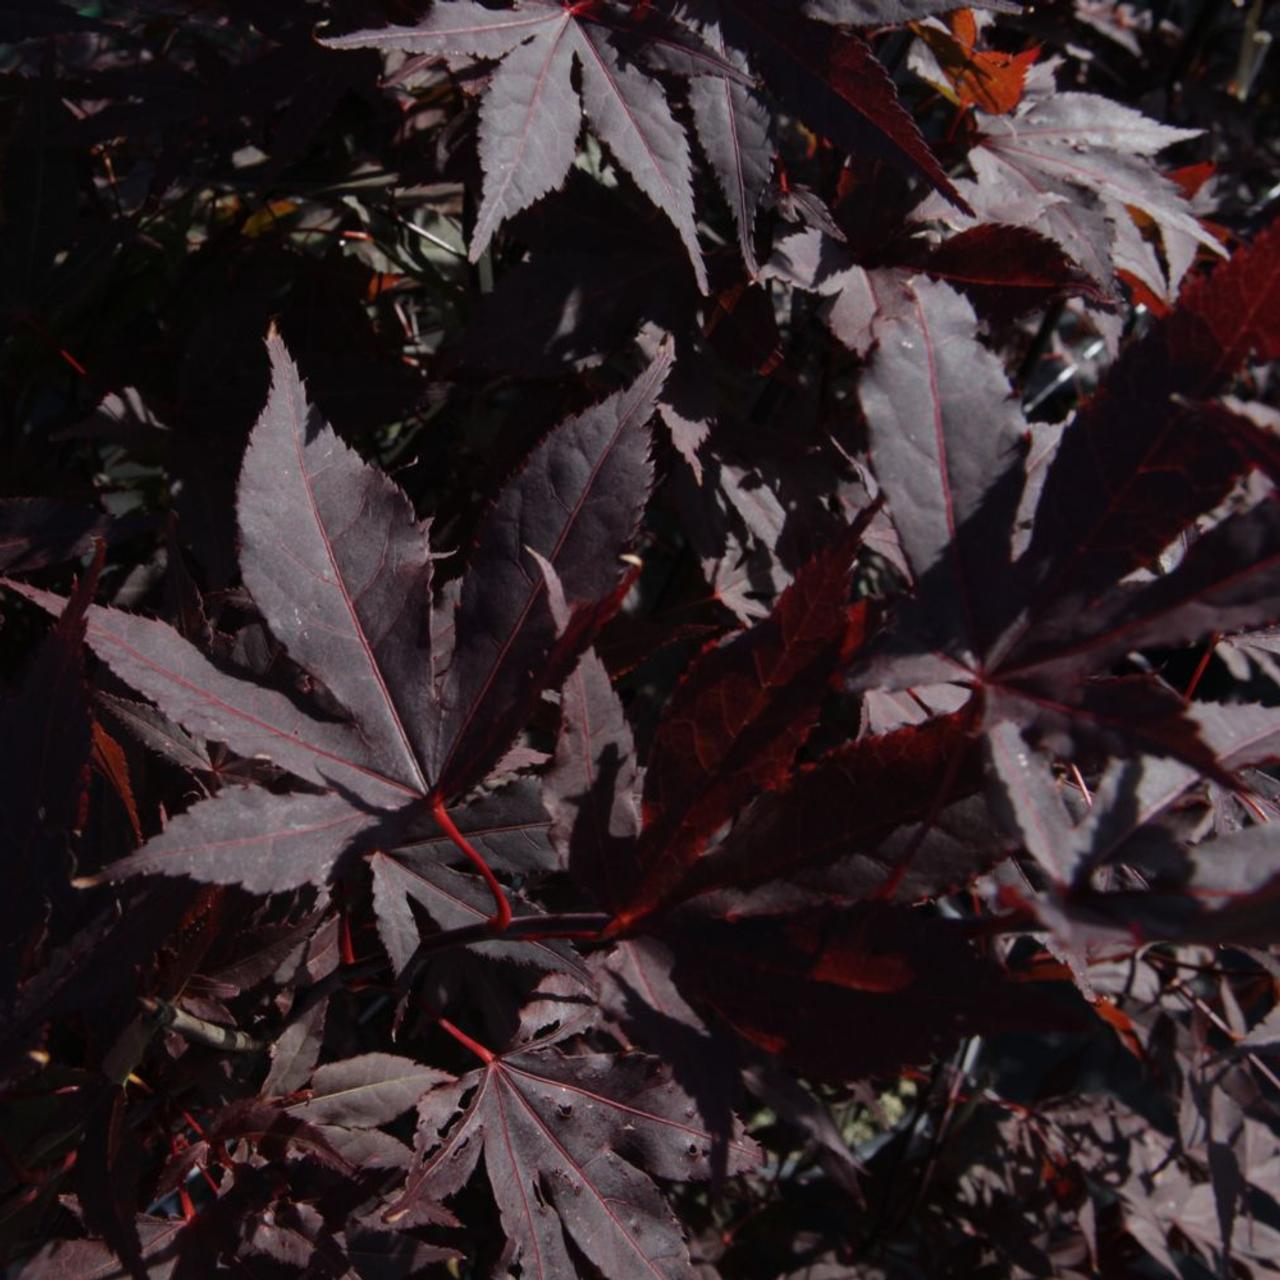 Acer palmatum 'Atropurpureum' plant